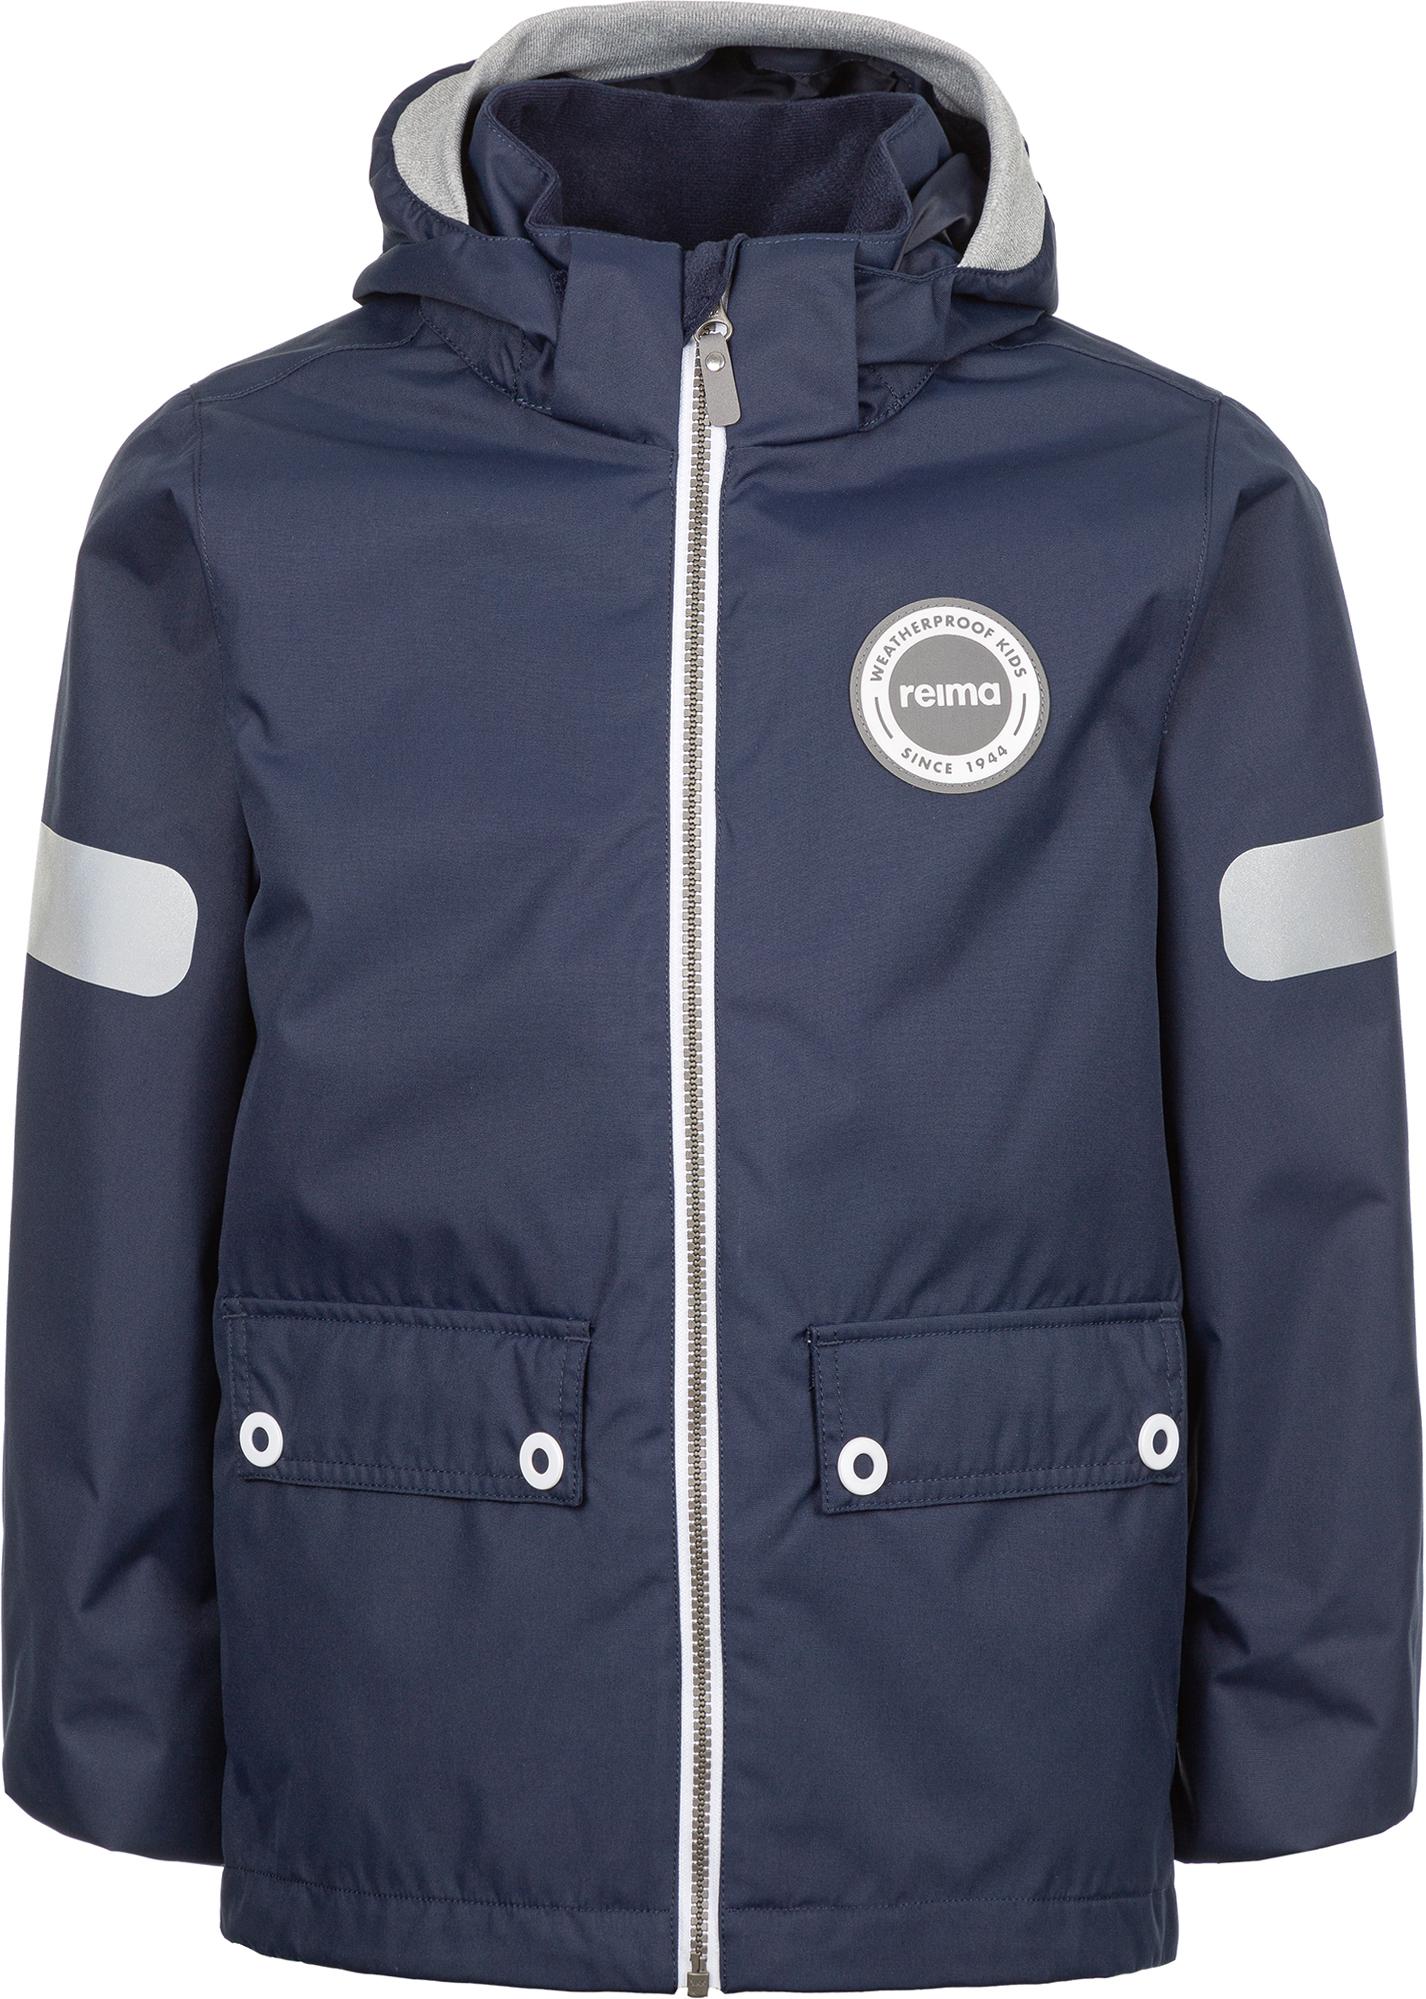 Reima Куртка утепленная для мальчиков Reima Sydvest, размер 134 цена